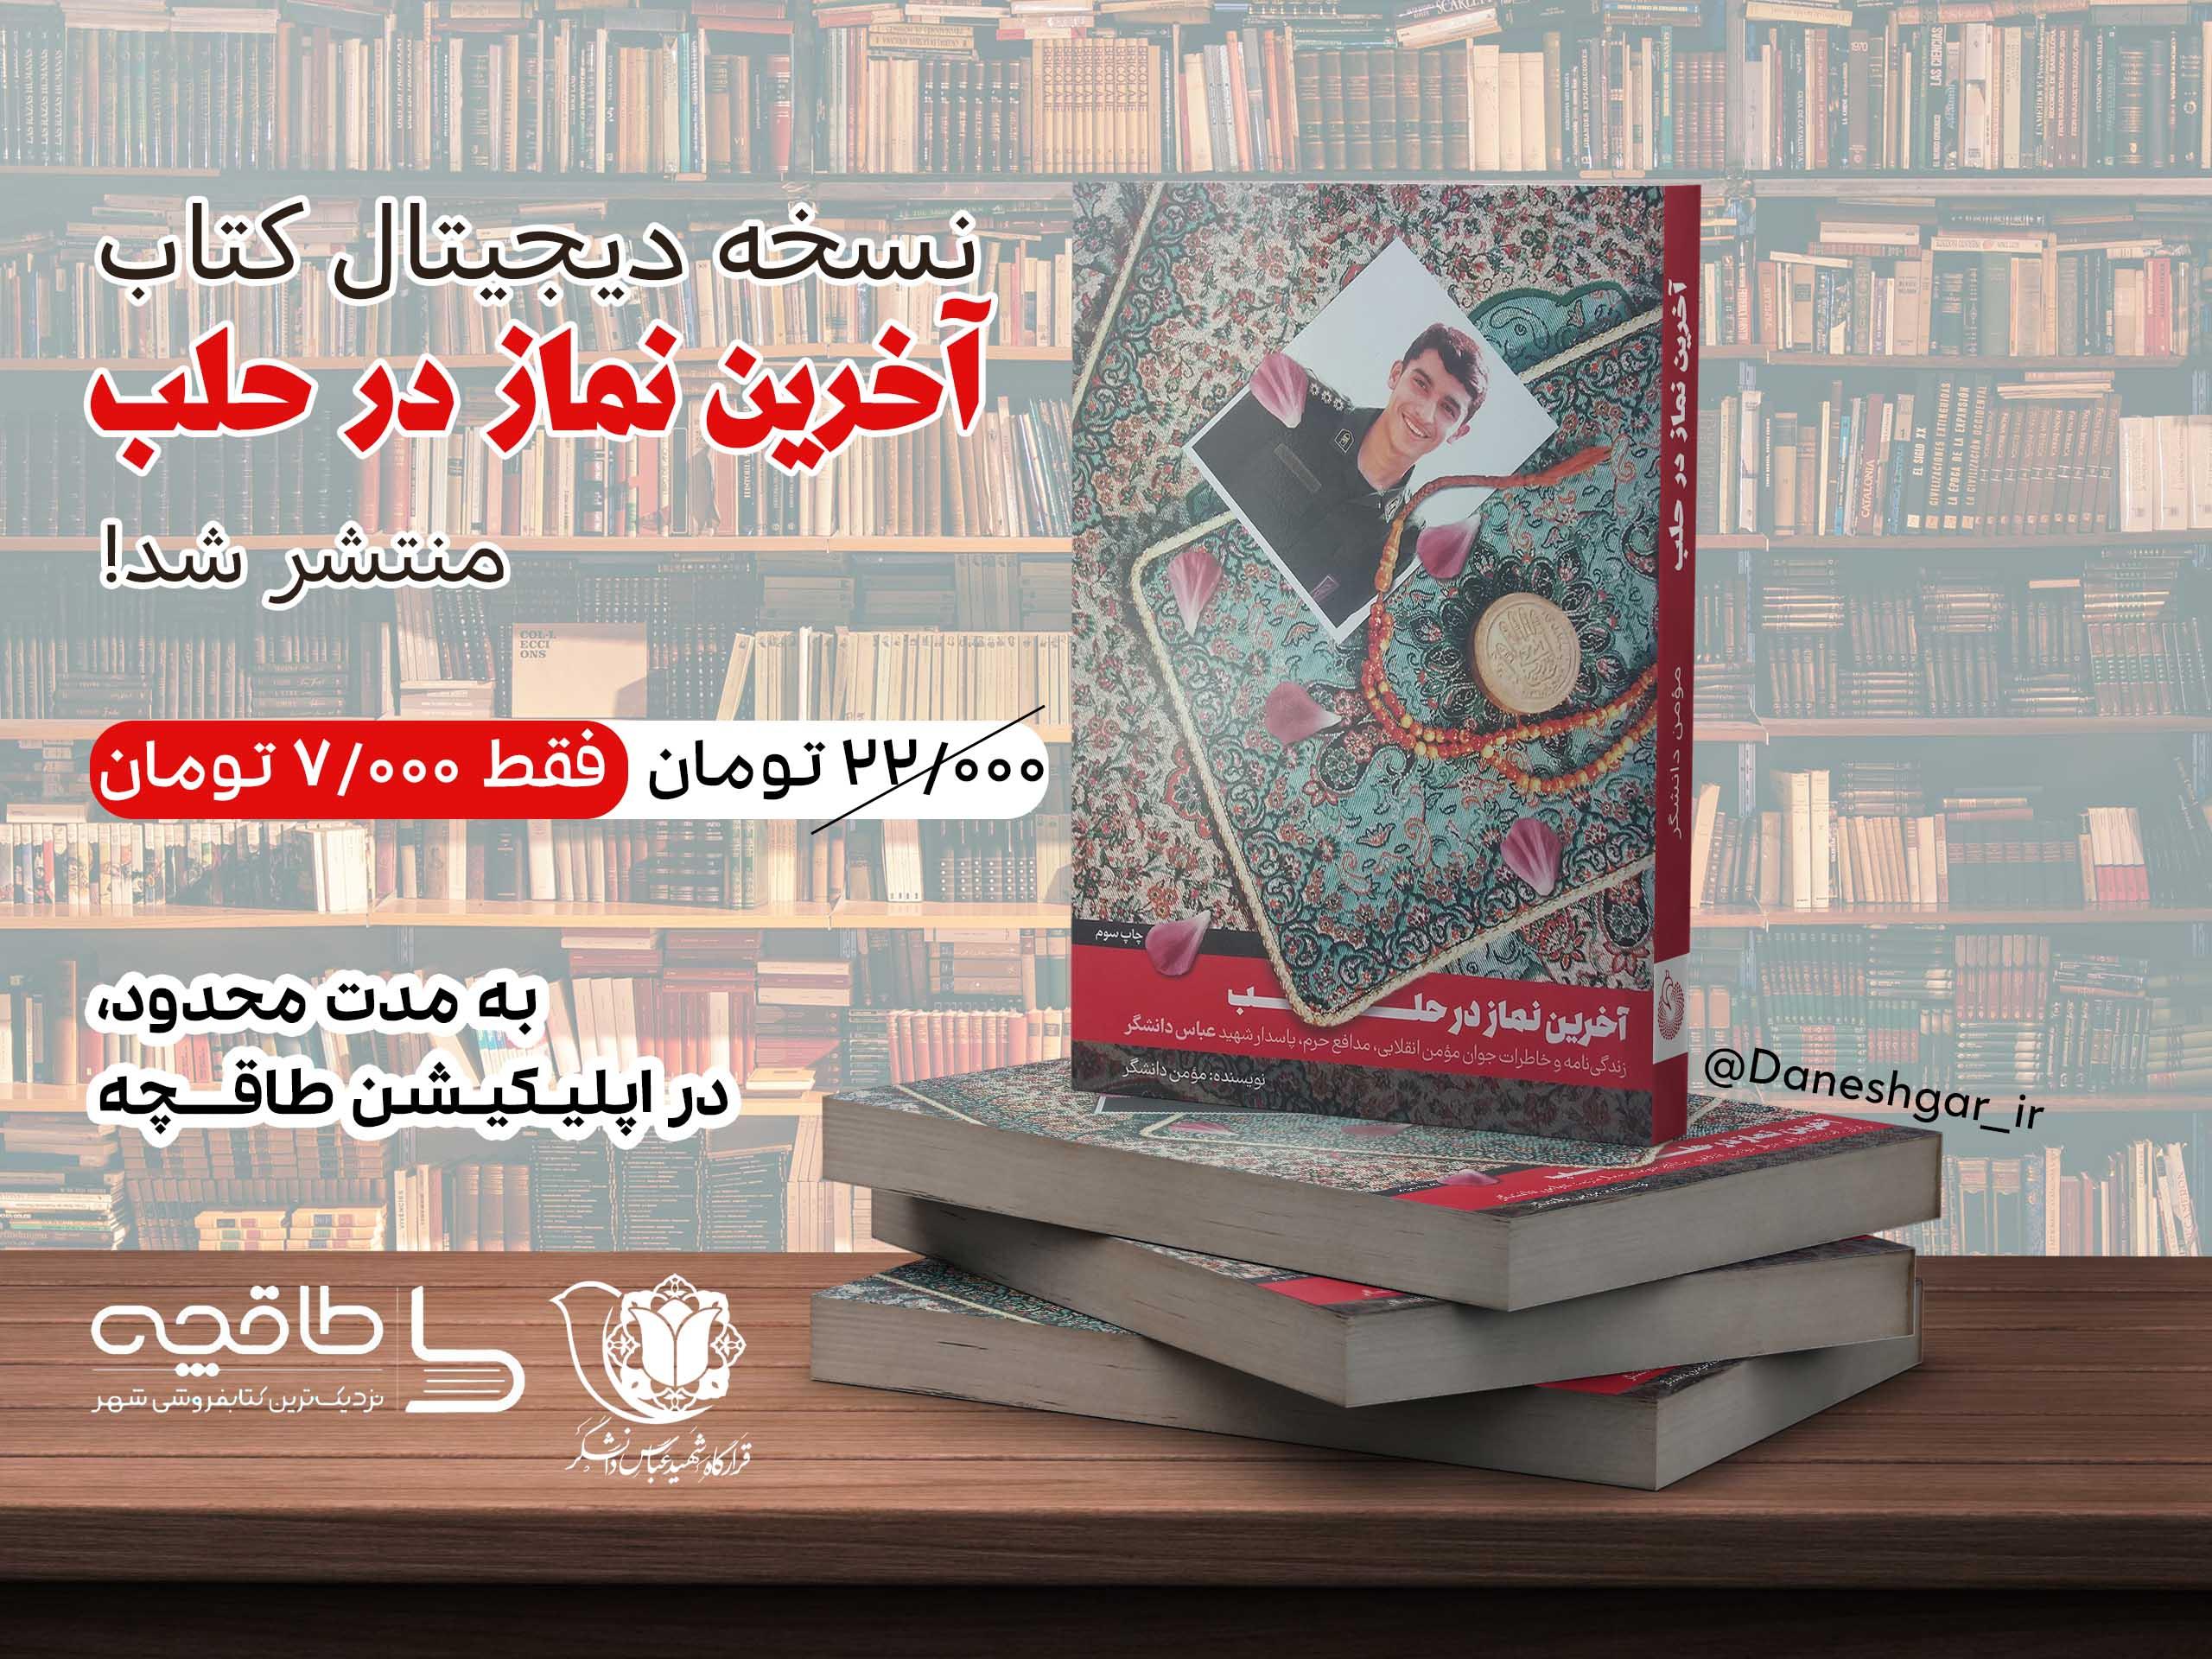 انتشار نسخه دیجیتال کتاب آخرین نماز در حلب